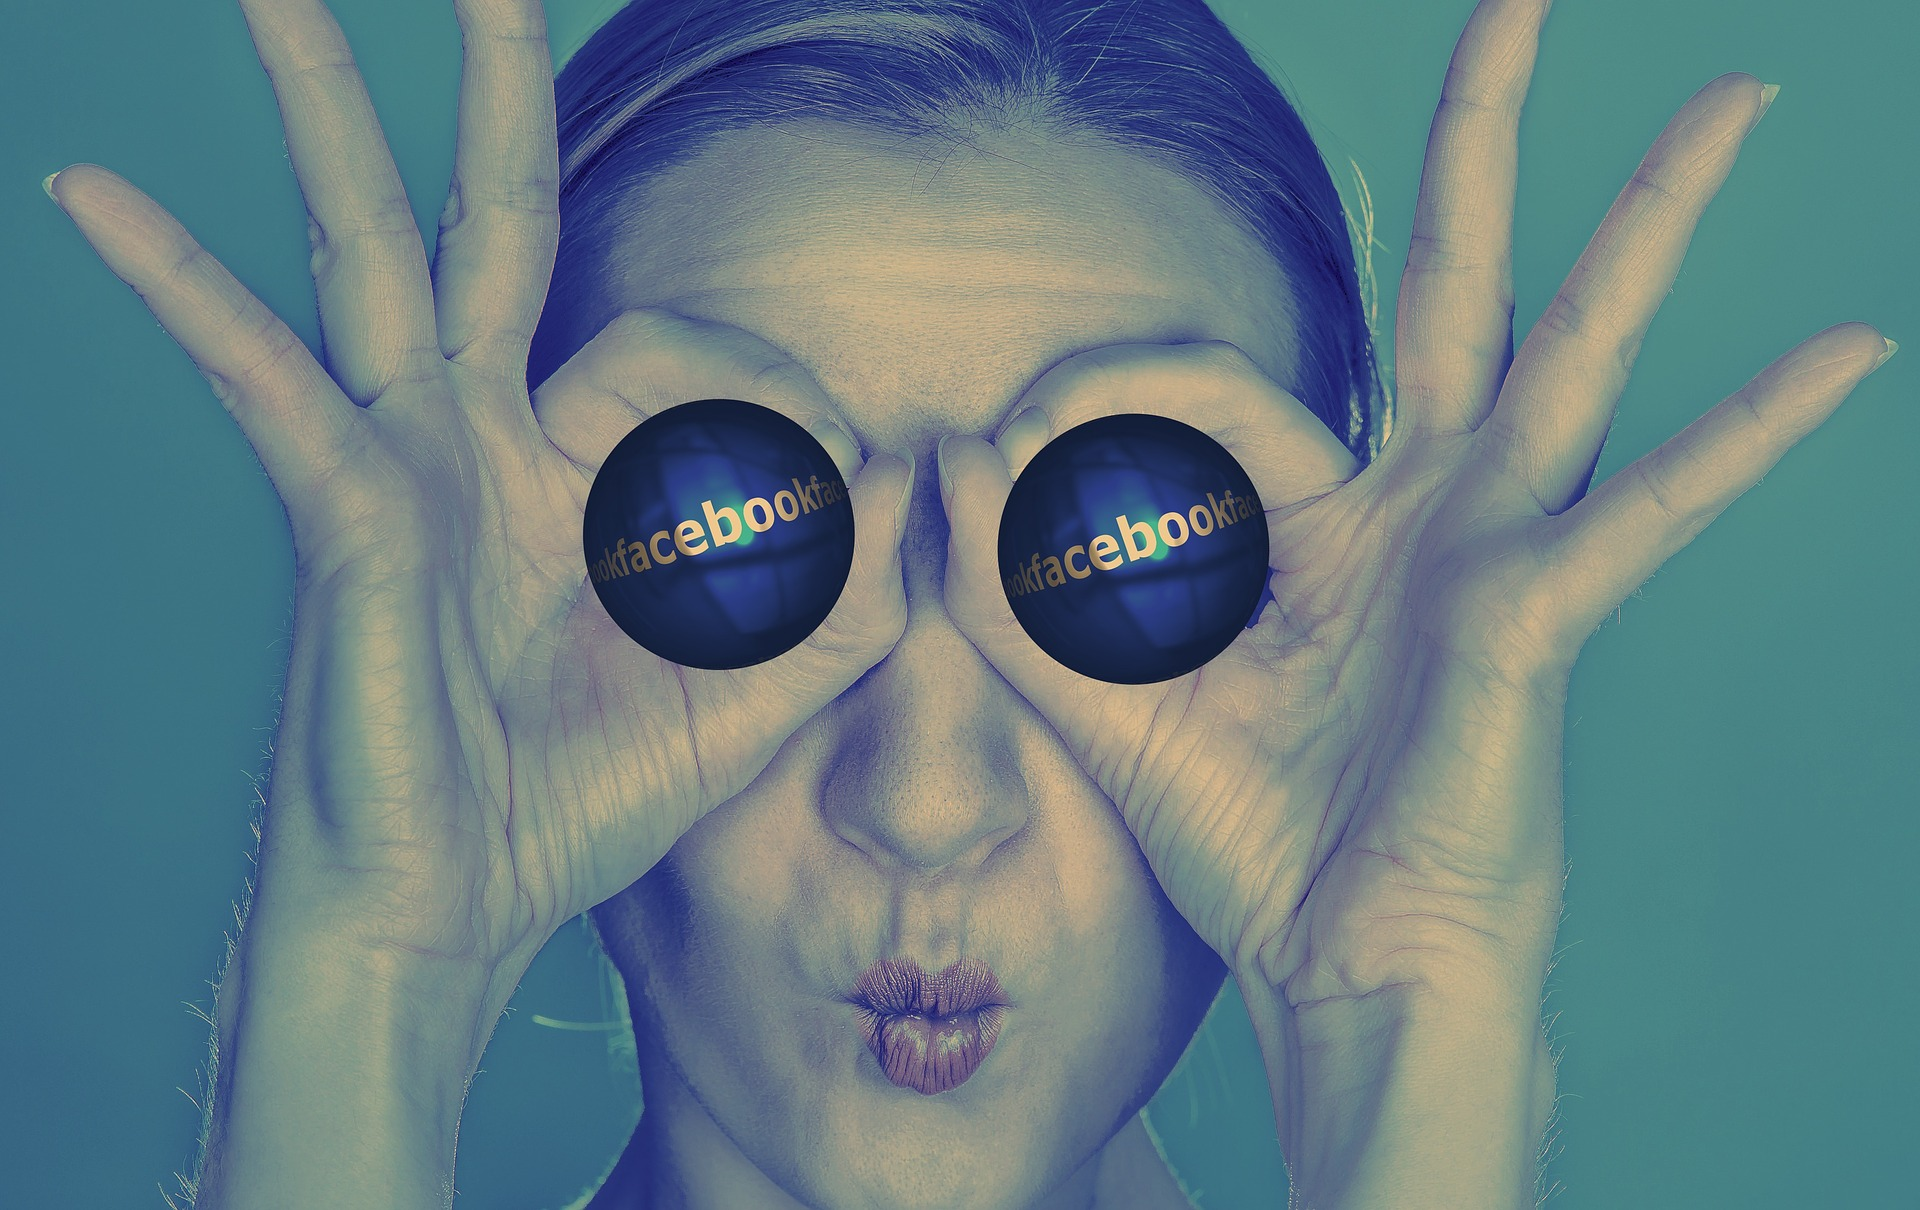 Etre visible sur Facebook